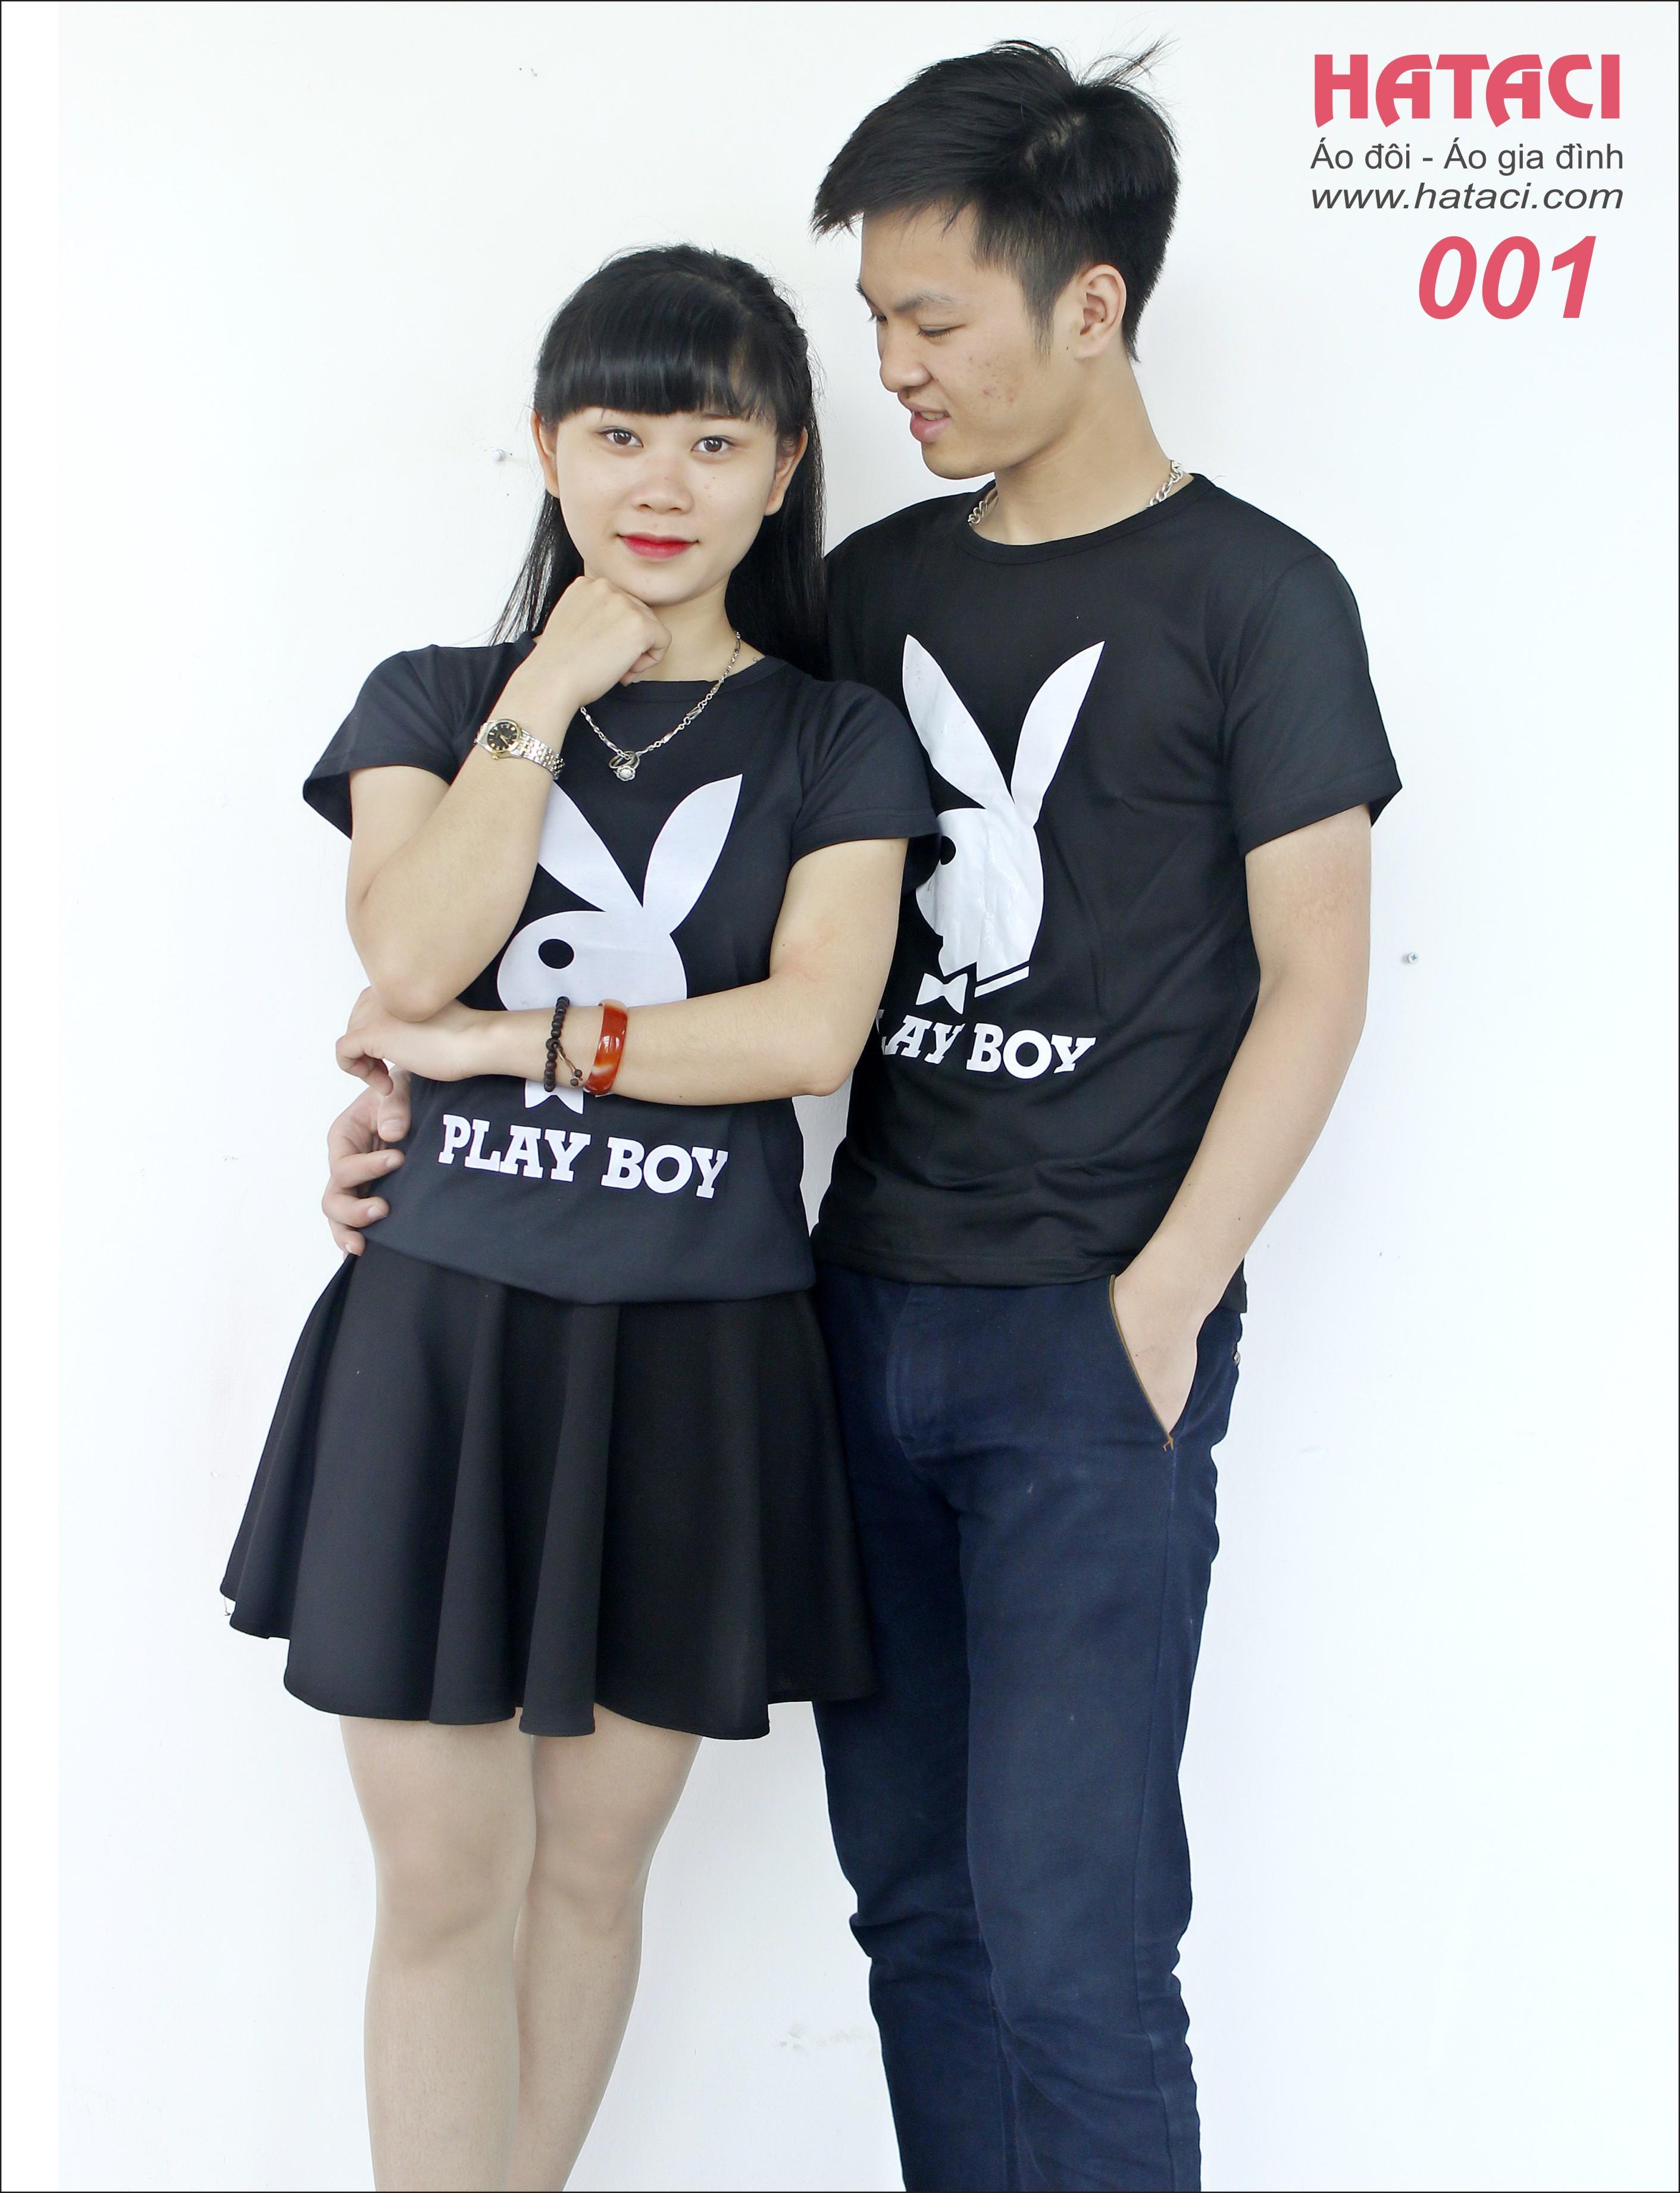 18 Mua áo đôi cửa hàng Hataci 191 Bạch Mai , Hà Nội